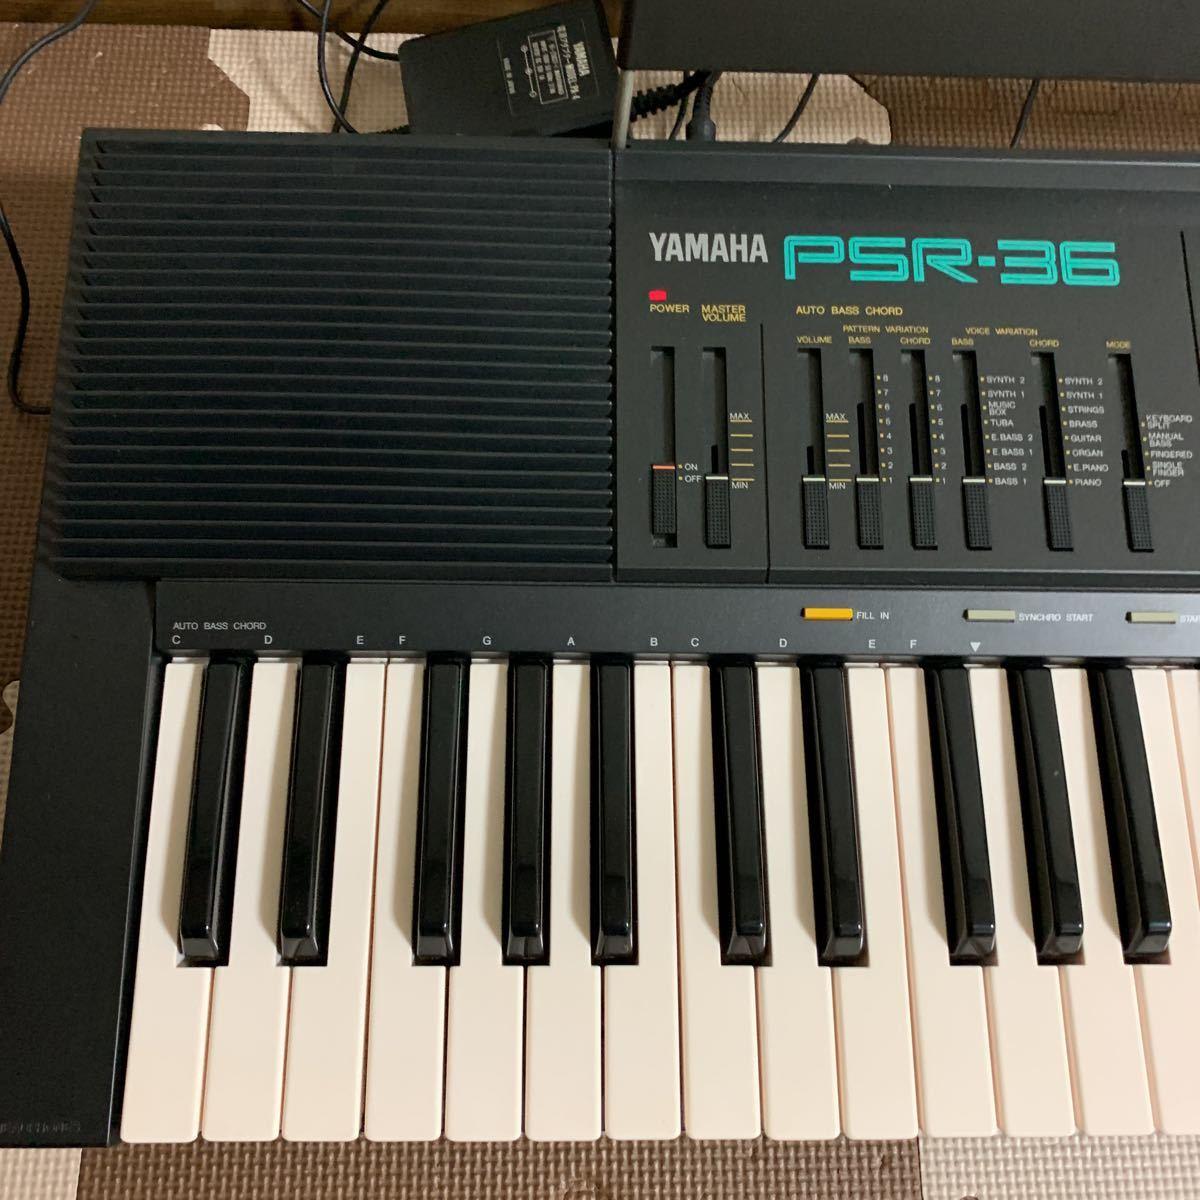 YAMAHA ボータトーンPSR-36 電子キーボード_画像3